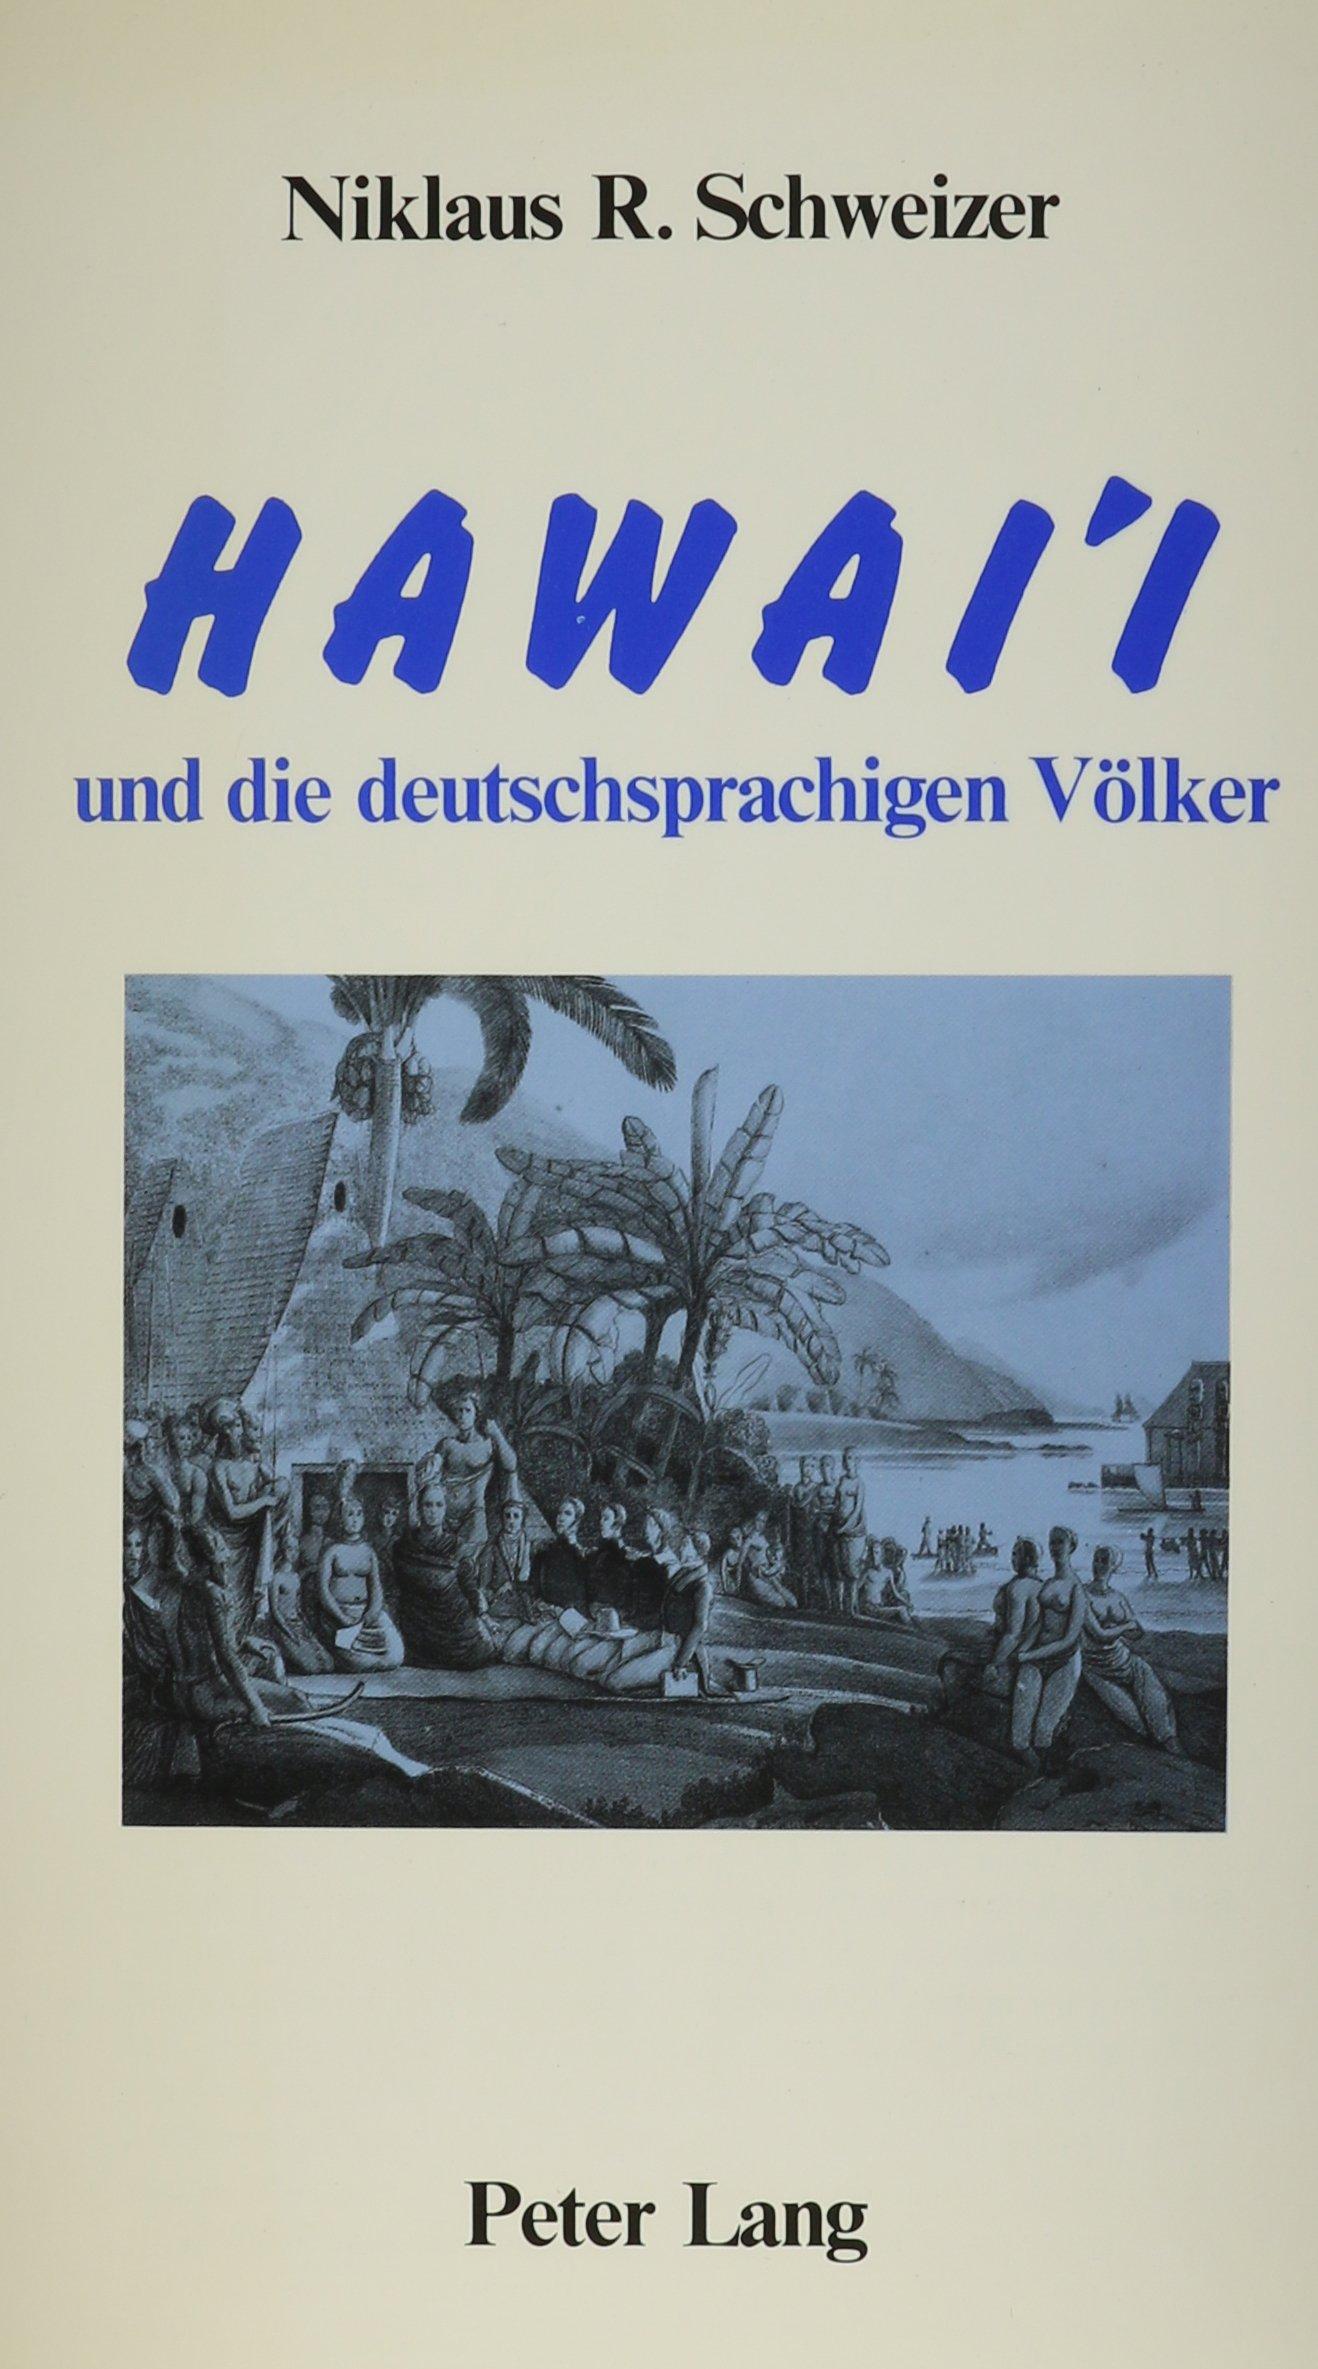 Hawai'i und die deutschsprachigen Völker